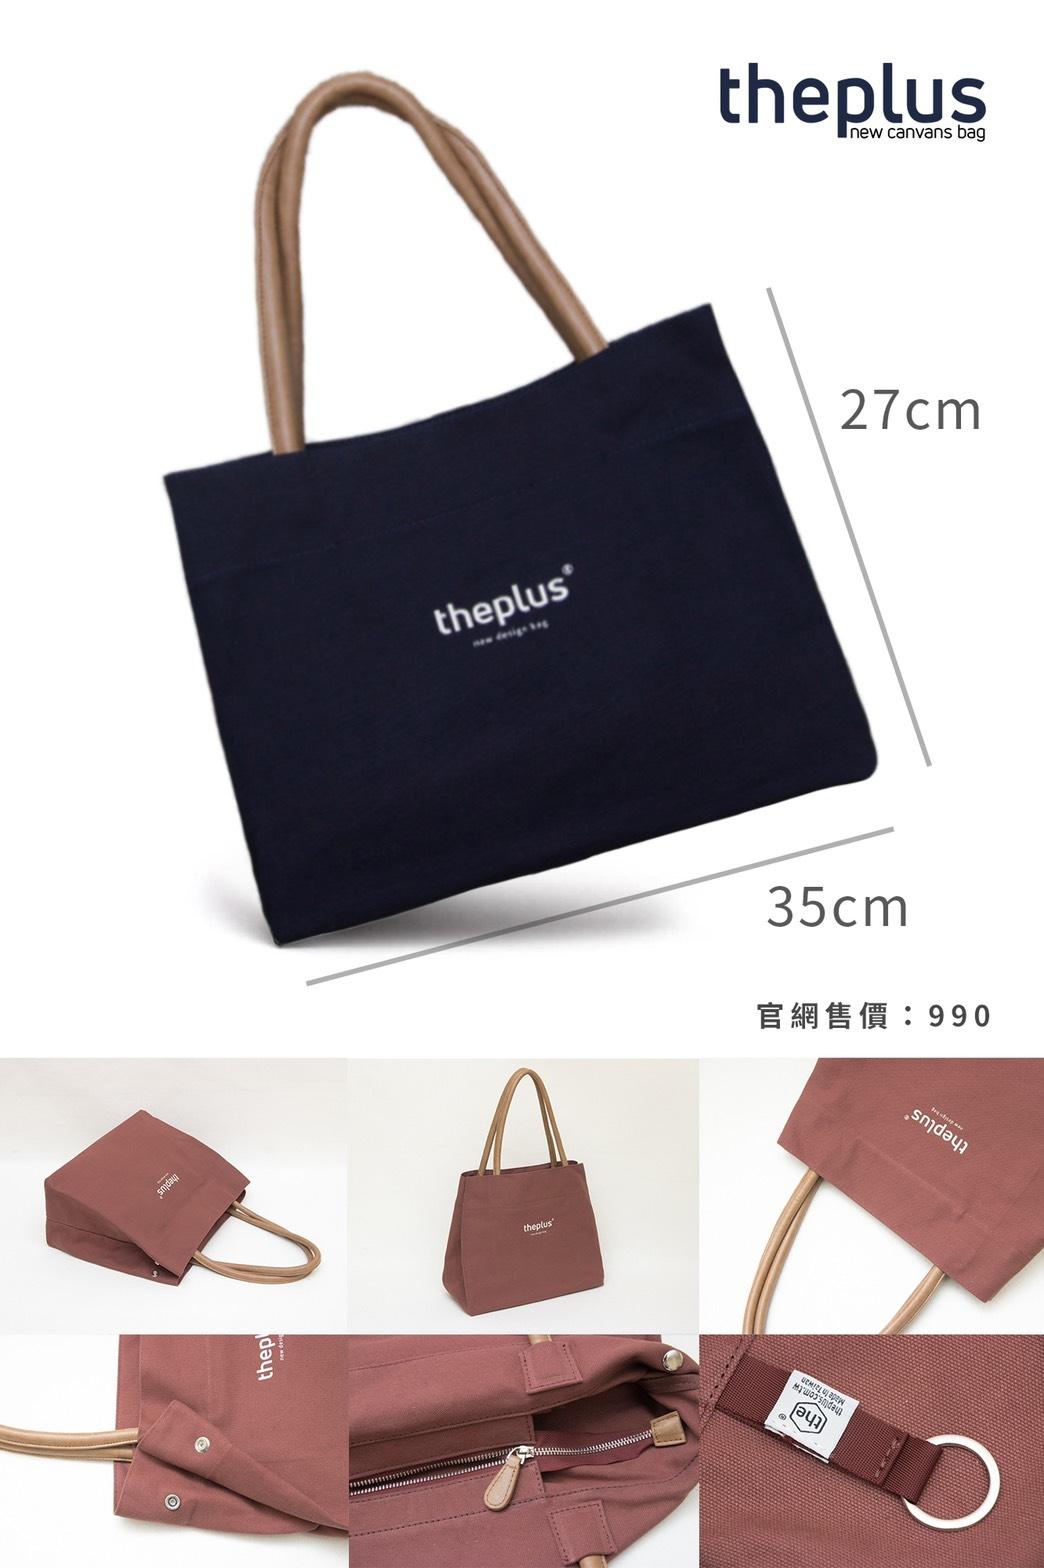 【 theplus 包包團購】劍橋包、高級帆布包|手提包、插扣包|旅行袋、信封包、真皮托特包 @GINA環球旅行生活|不會韓文也可以去韓國